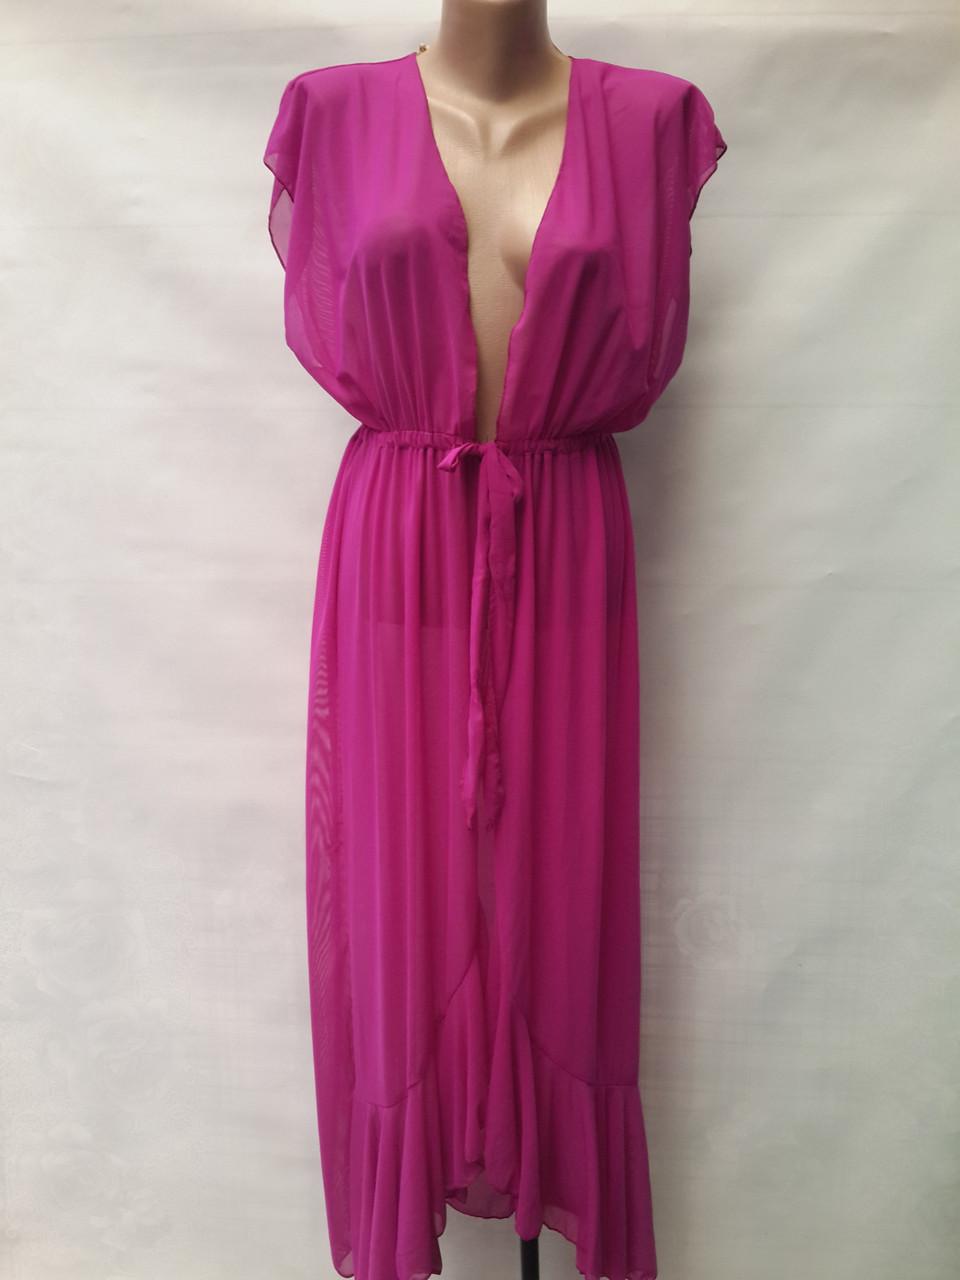 Длинный пляжный халат Синтия 5020 фиолетовый на размеры 44-54.